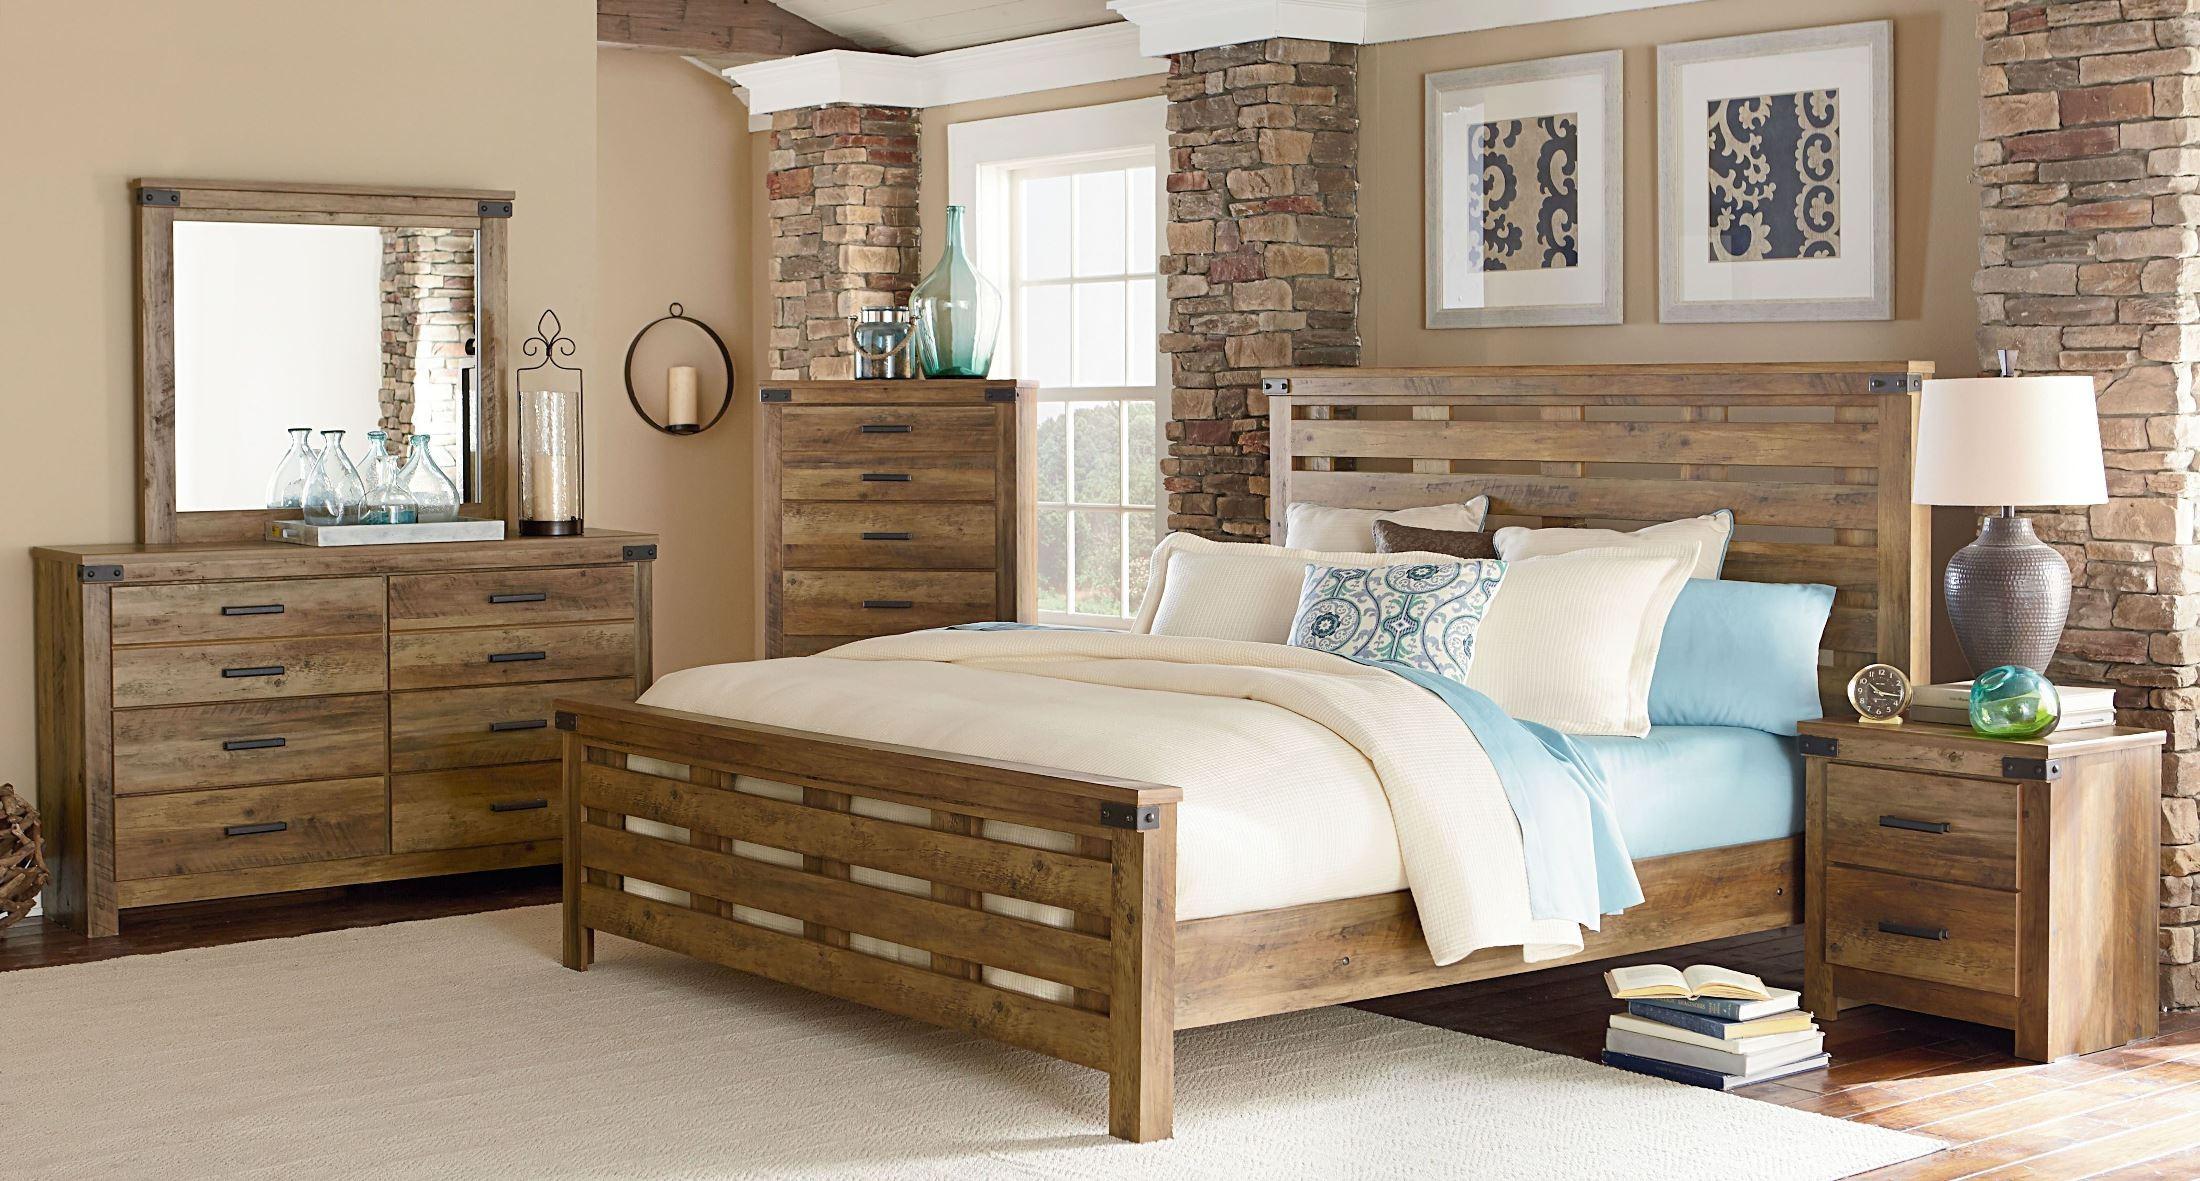 Montana Rustic Buckskin Queen Panel Bed 524 52 62 80 Standard Furniture